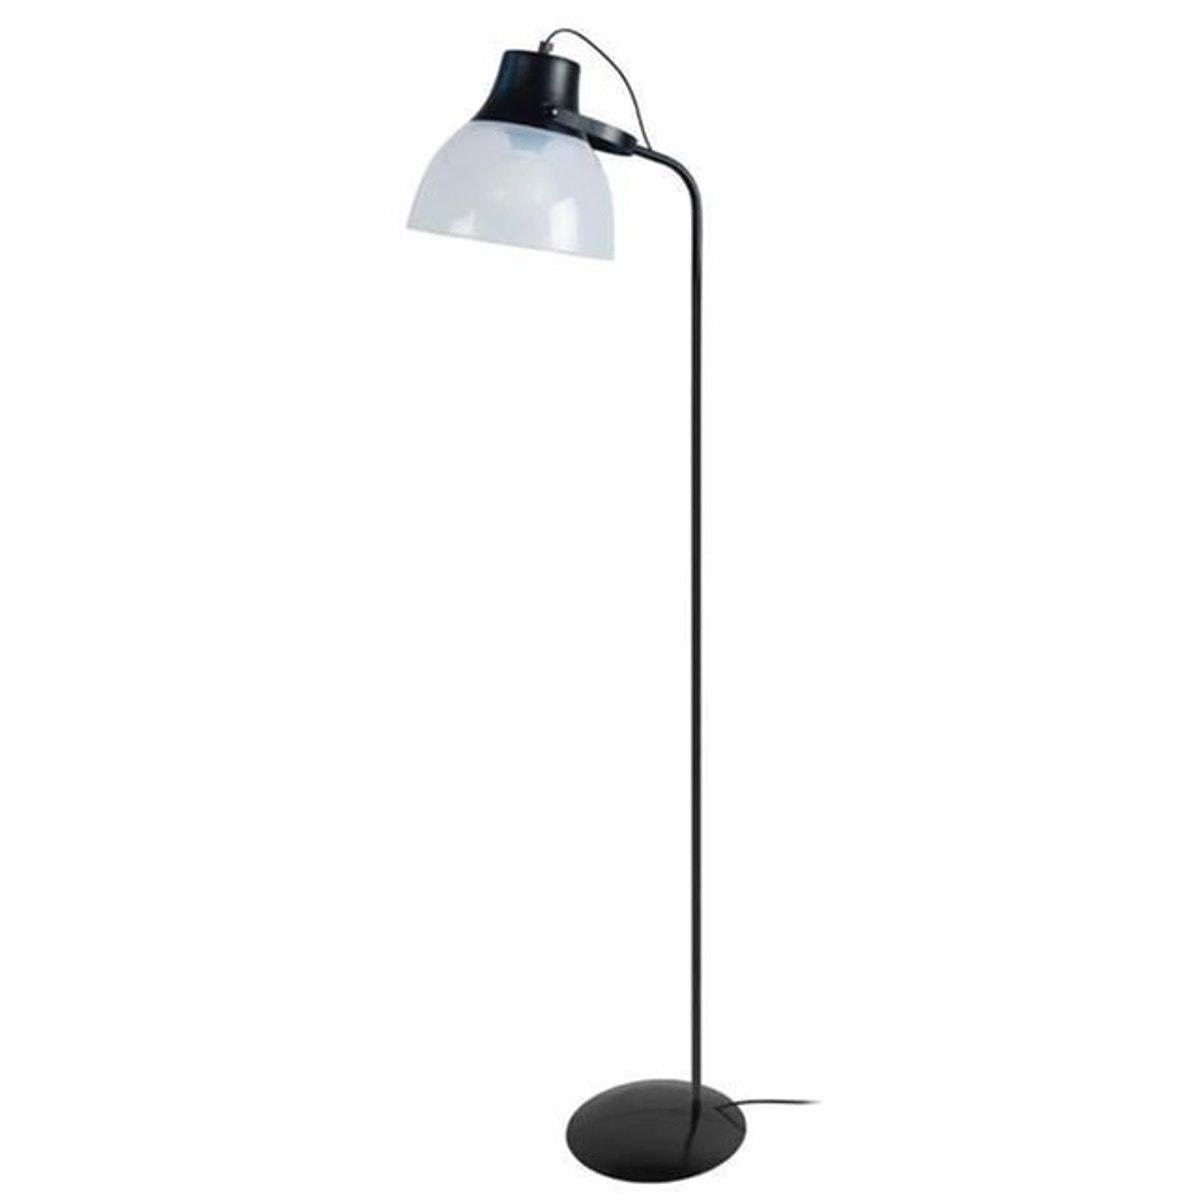 Plexi Lampadaire Liseuse H150cm Noir Taille Taille Unique Lampadaire Liseuse Lampadaire Lampe Sur Pied